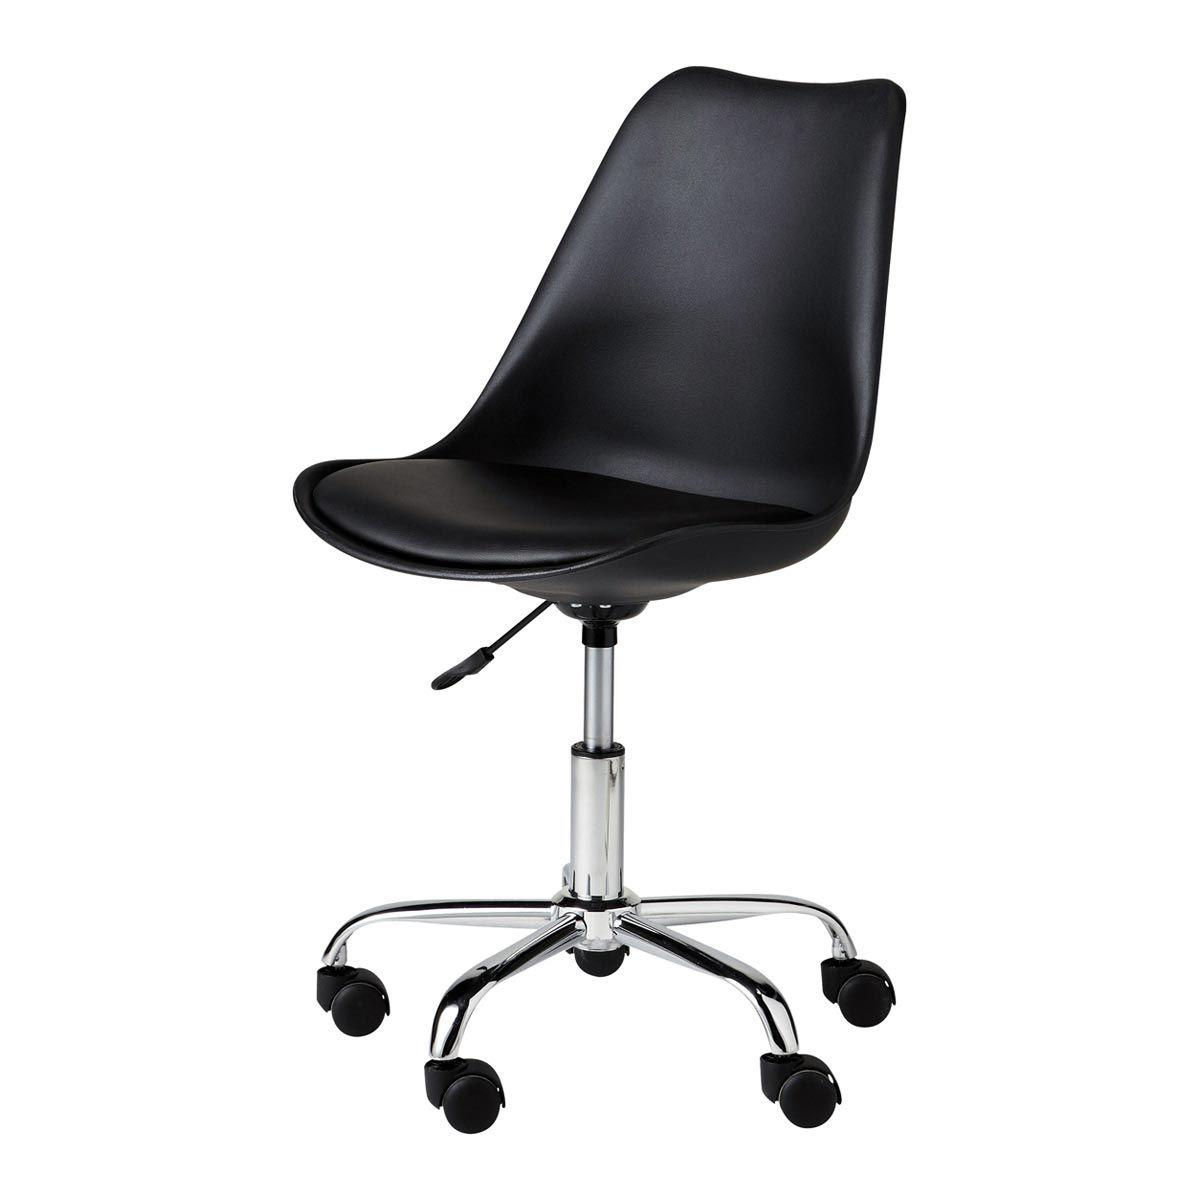 Chaise De Bureau Noire Bristol